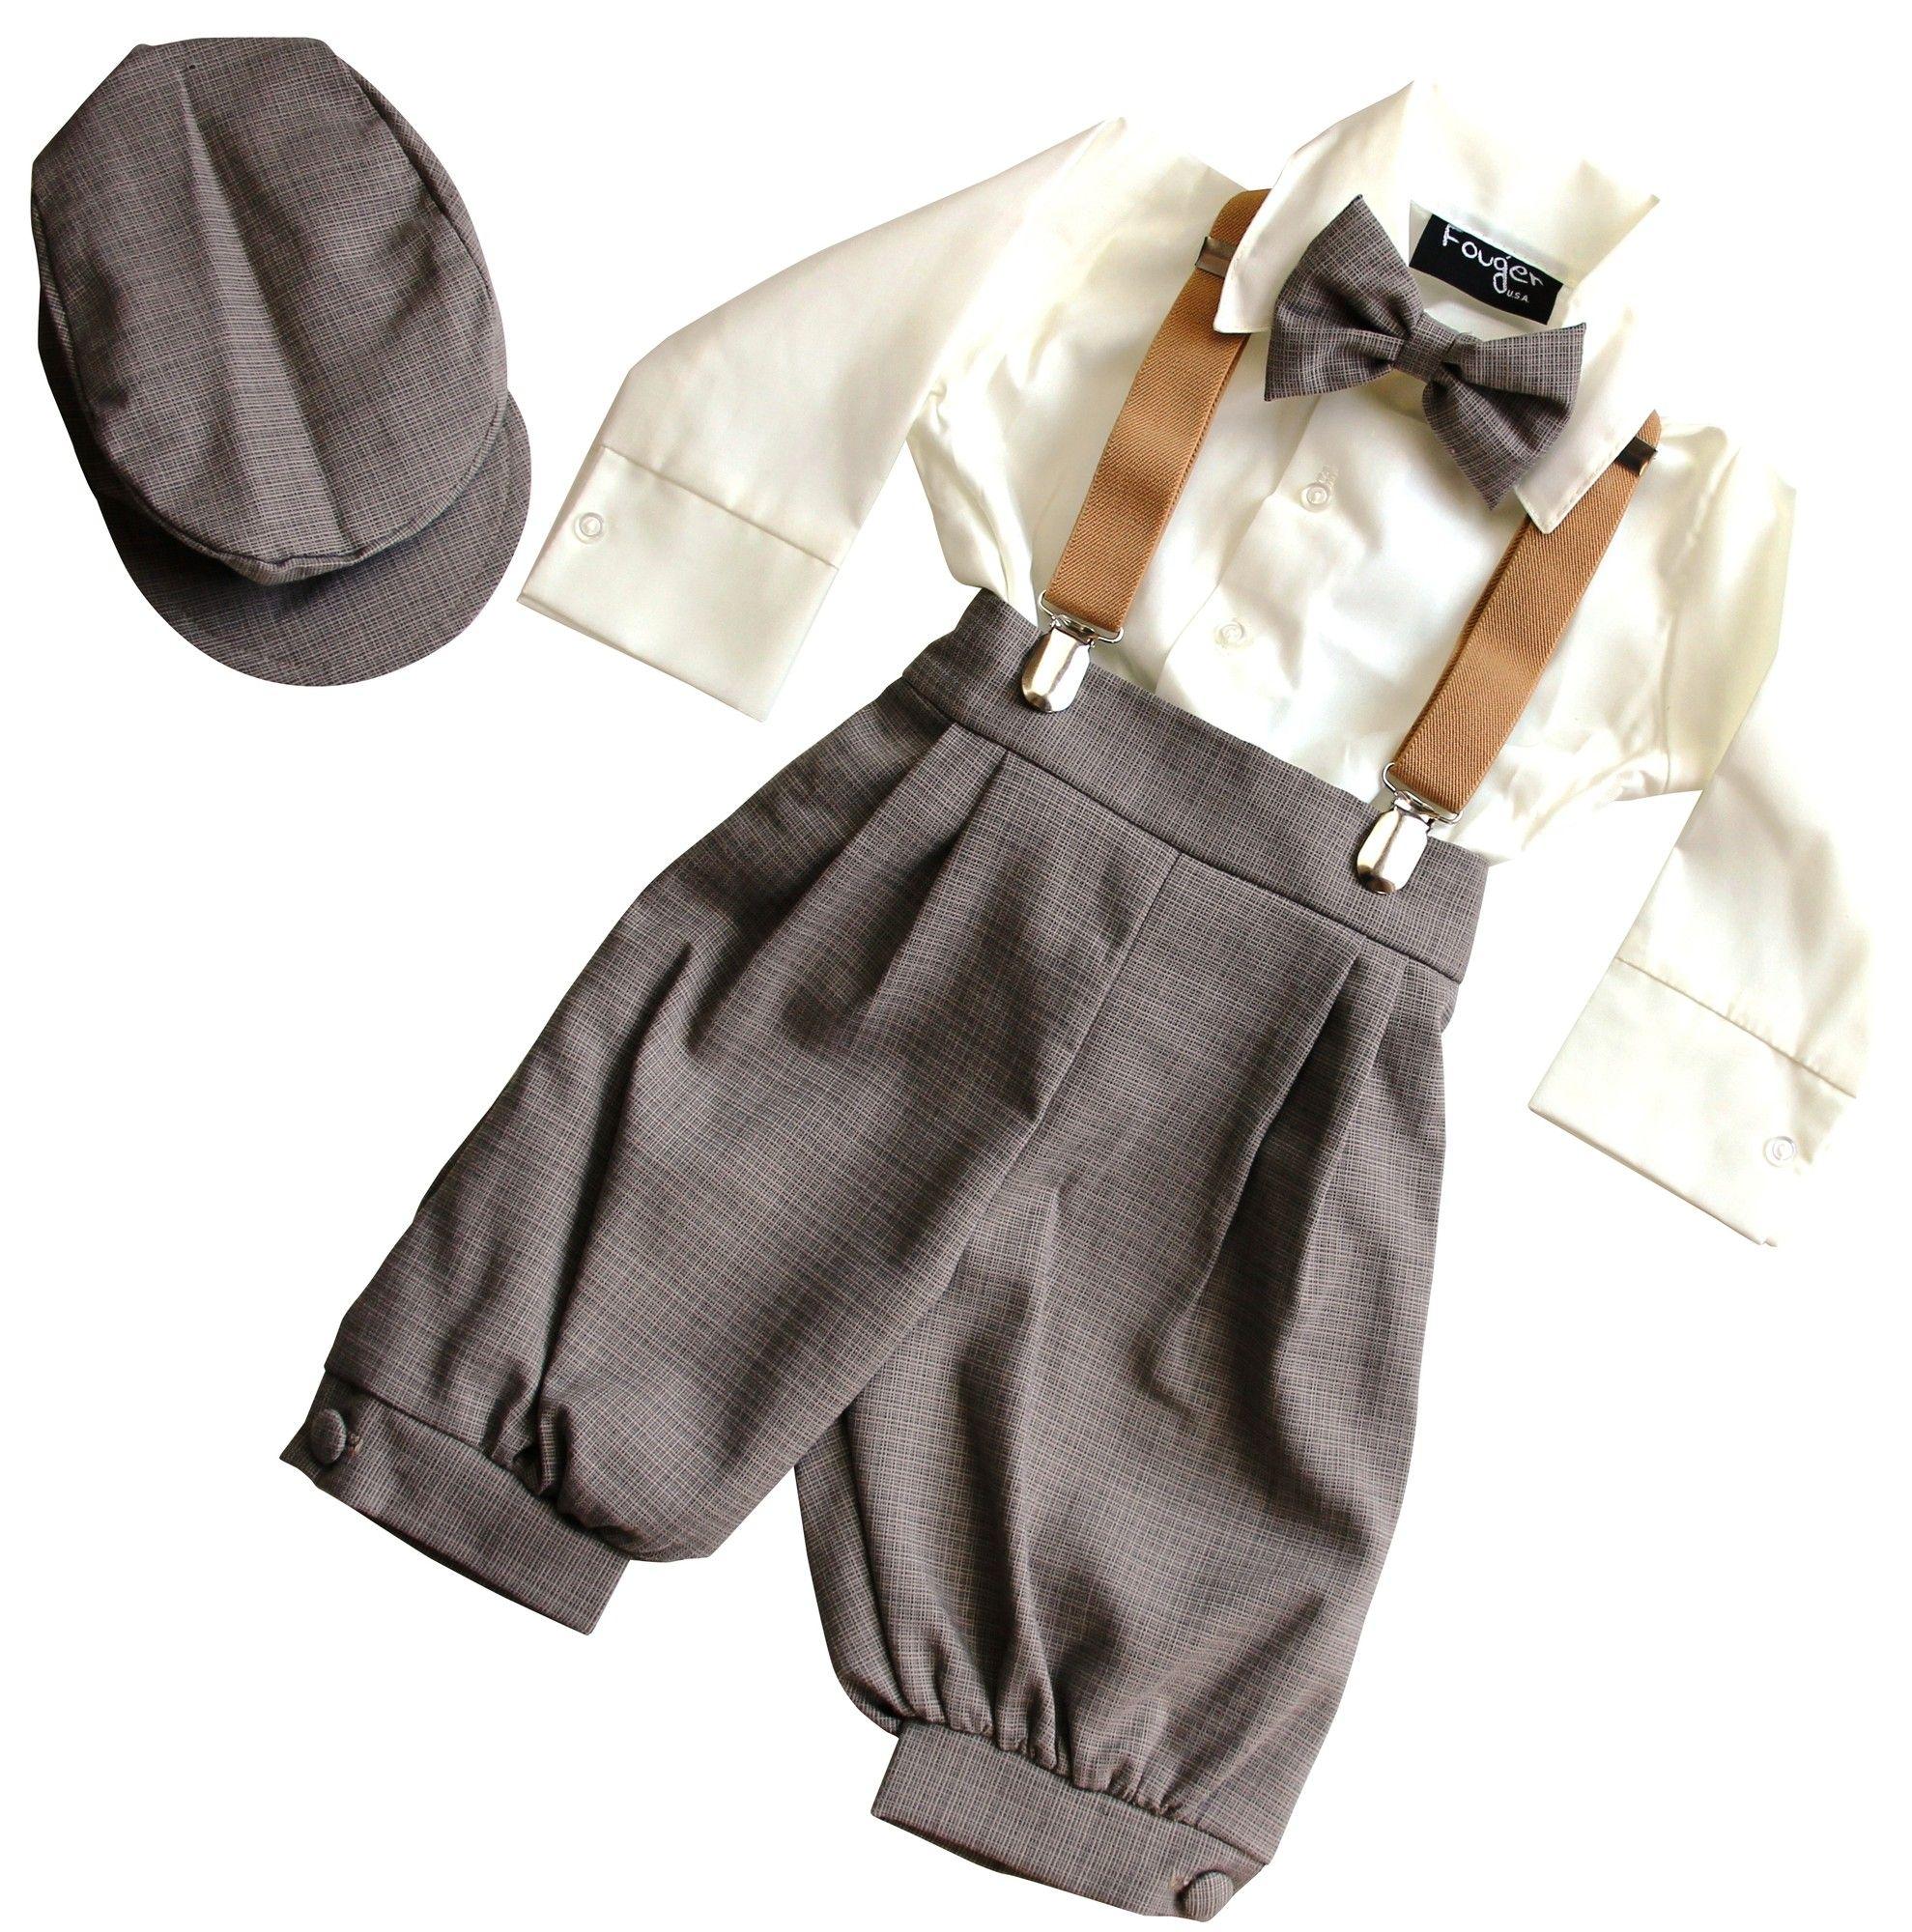 BIMARO Jungen Anzug Lino beige creme braun Kinderanzug ...